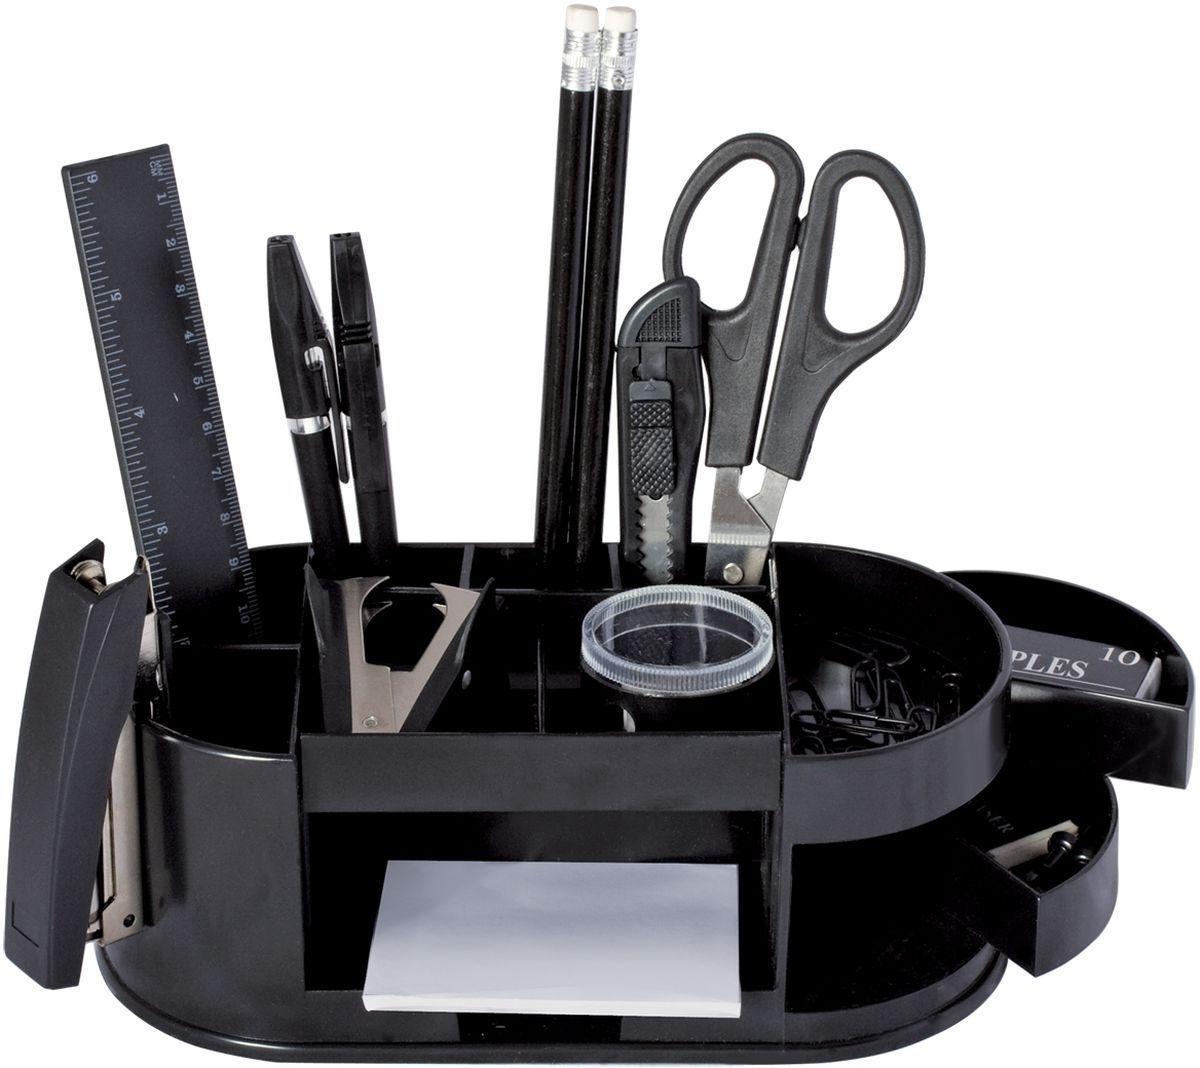 Staff Канцелярский набор Омега эконом 15 предметовFS-00103Настольный канцелярский набор Staff Омега эконом позволит эффективно организовать рабочее место.В набор входят: 2 ручки, 2 карандаша, степлер, антистеплер, бумага для заметок, стирательная резинка, скобы №10, скрепки, кнопки, ножницы, канцелярский нож, точилка, линейка.